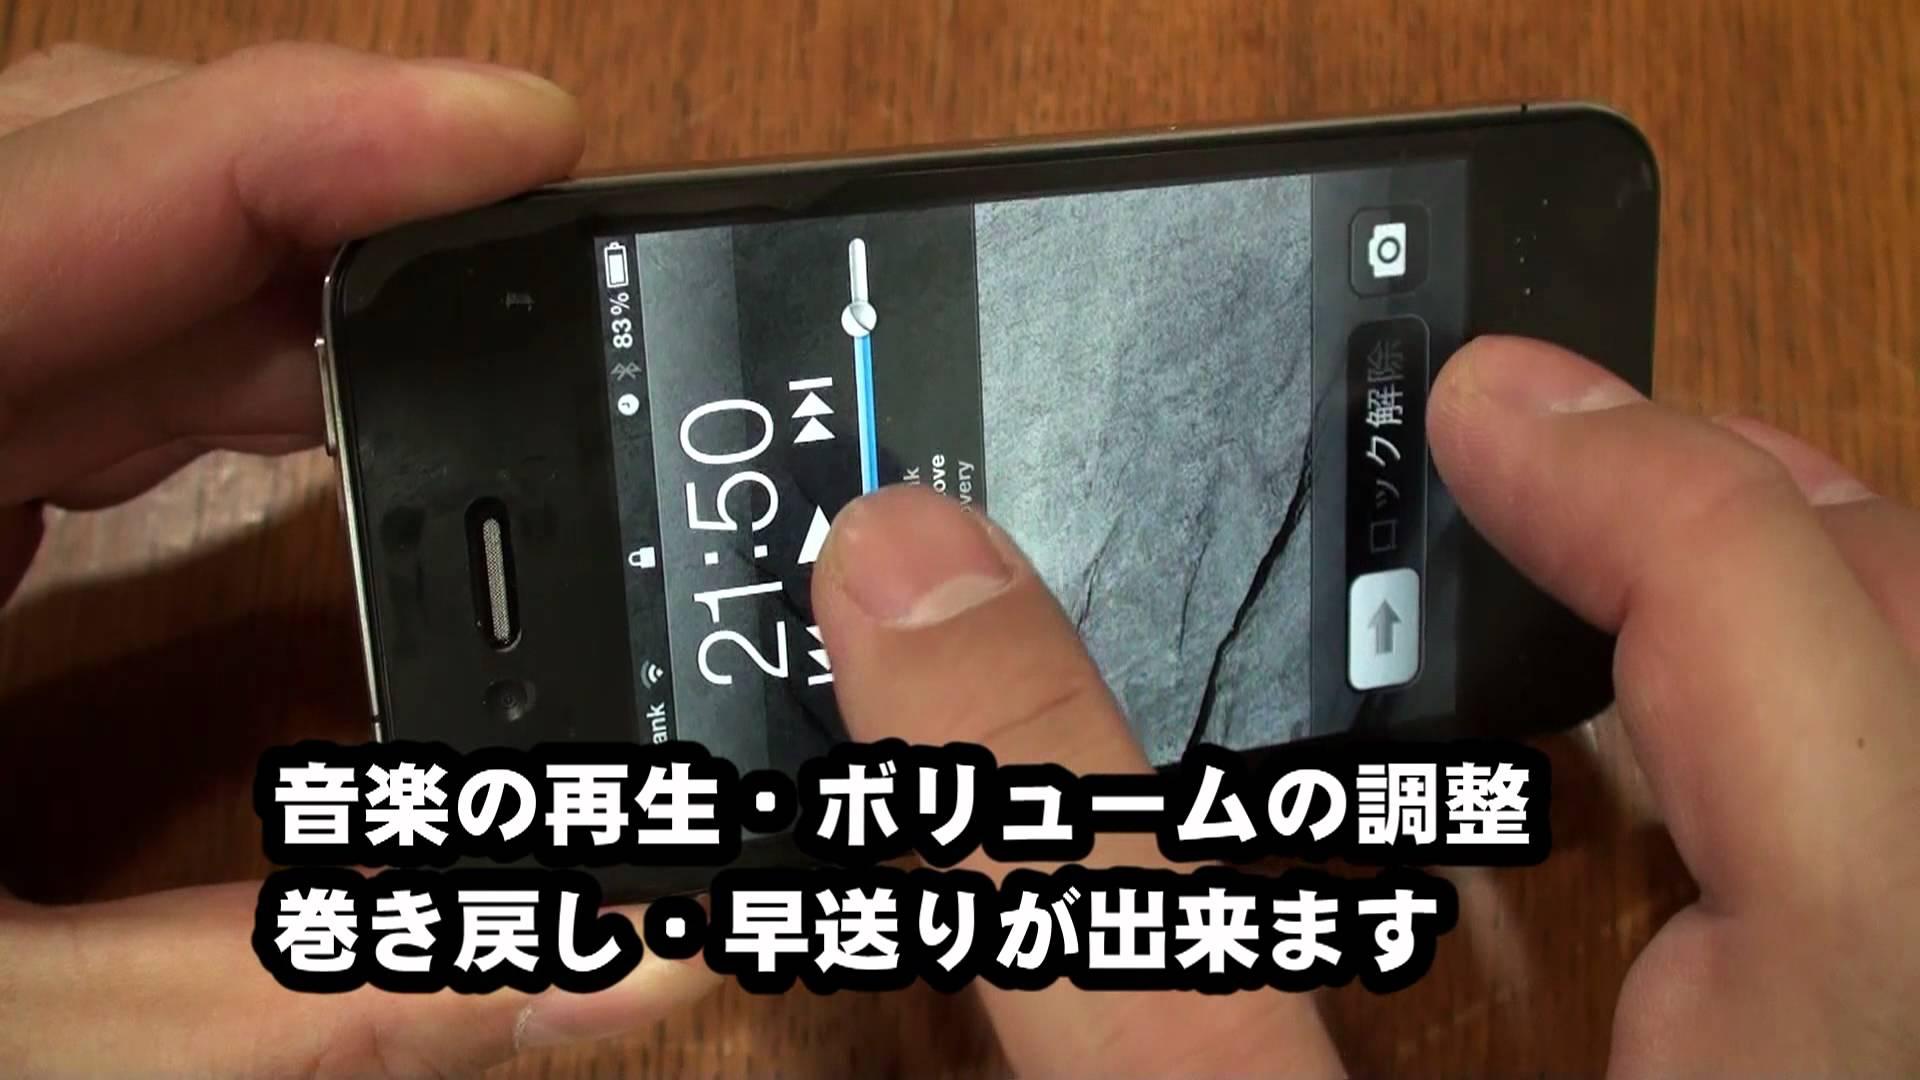 iPhone裏技・テクニックがたくさんわかる動画